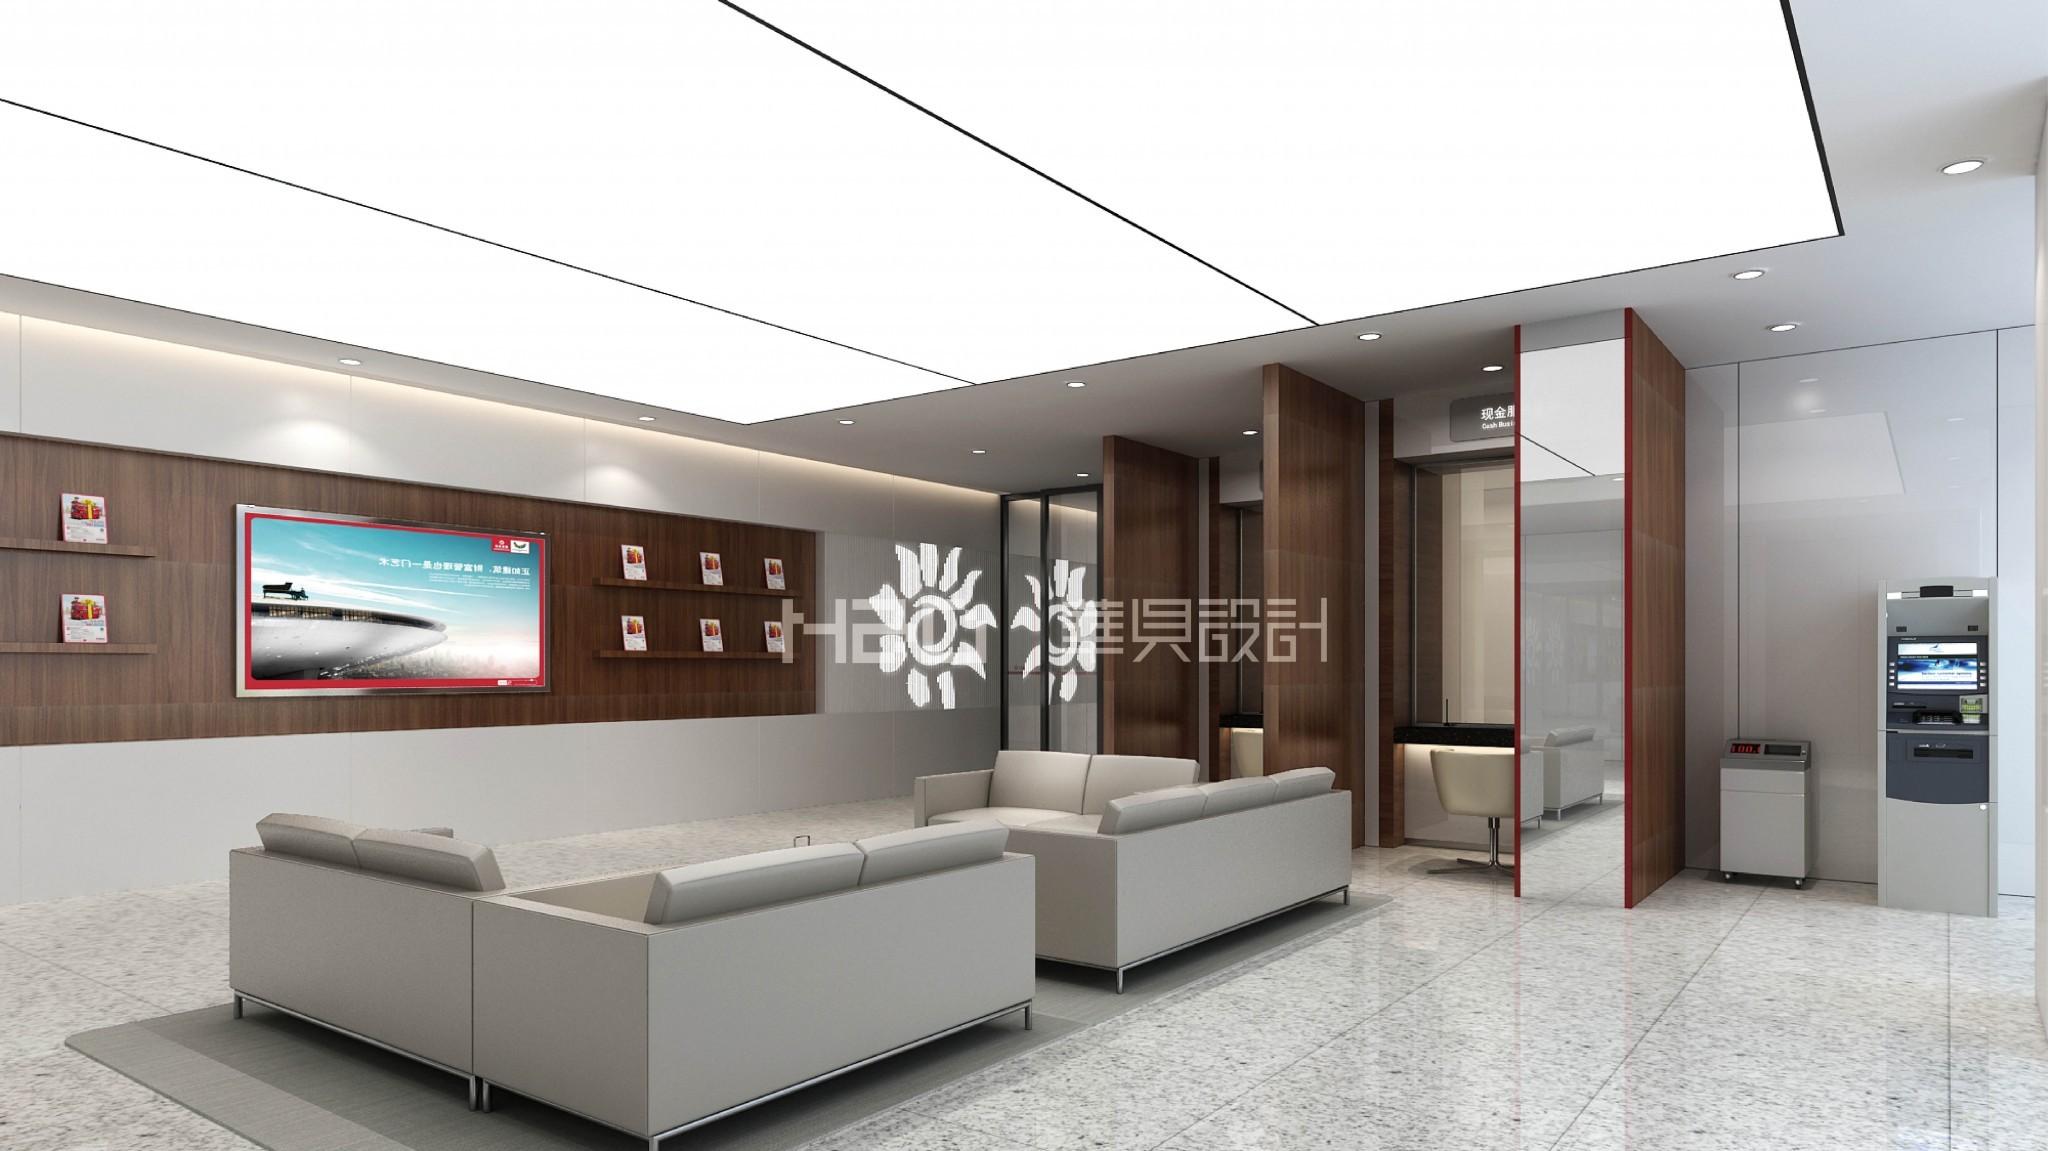 4招商银行昆明经济开发区支行 (3)